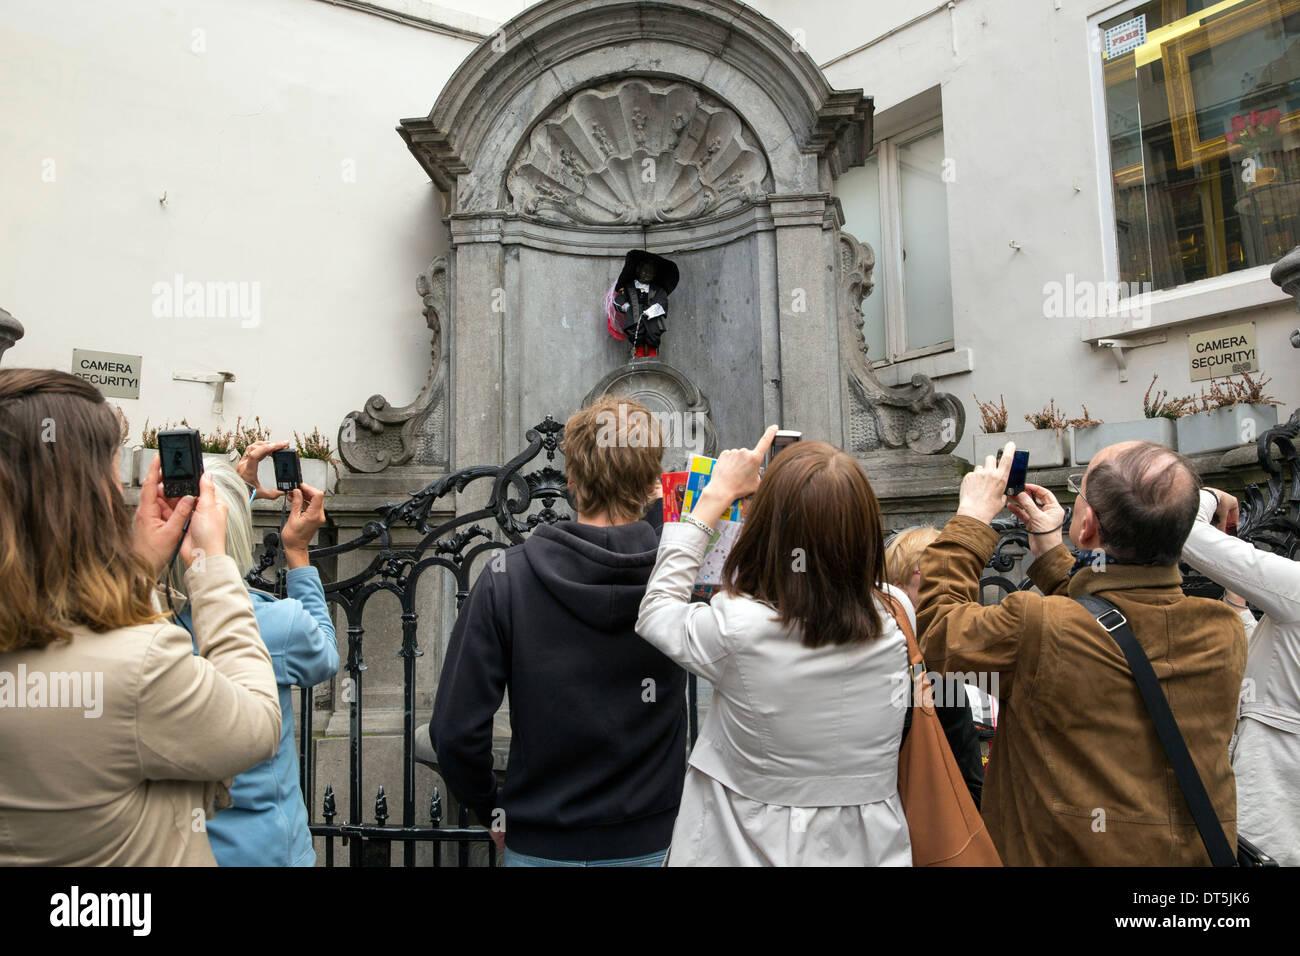 Les touristes de prendre des photos de la statue du Manneken Pis à Bruxelles Photo Stock